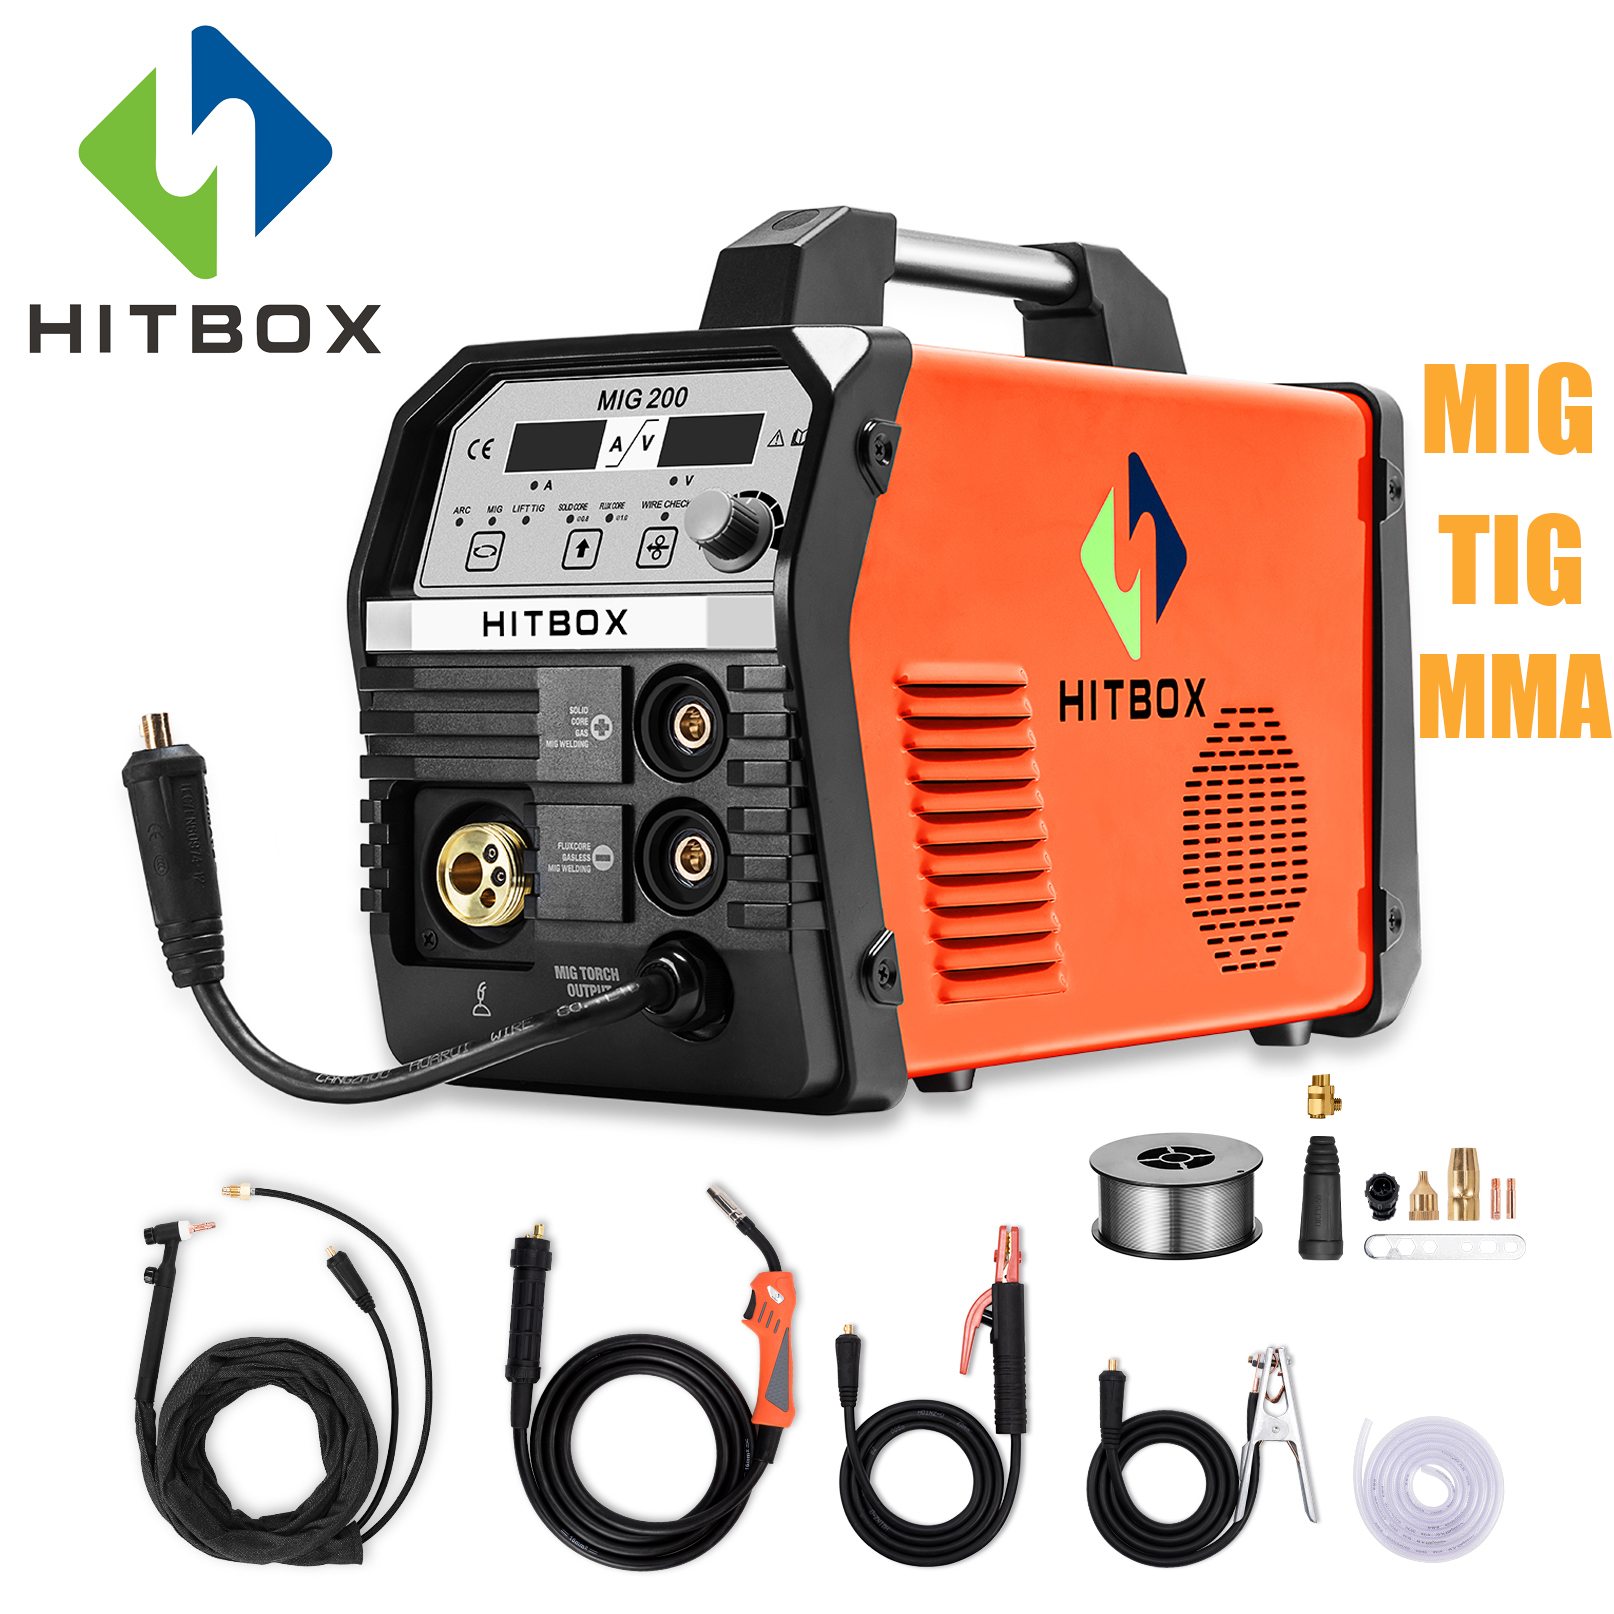 Soldador Mig HITBOX Nova Aparência MIG200 Funcional DC MIG Sem Gás de Gás Auto-Blindado 4.0 milímetros ARC Soldador MIG LEVANTE TIG MMA 220V